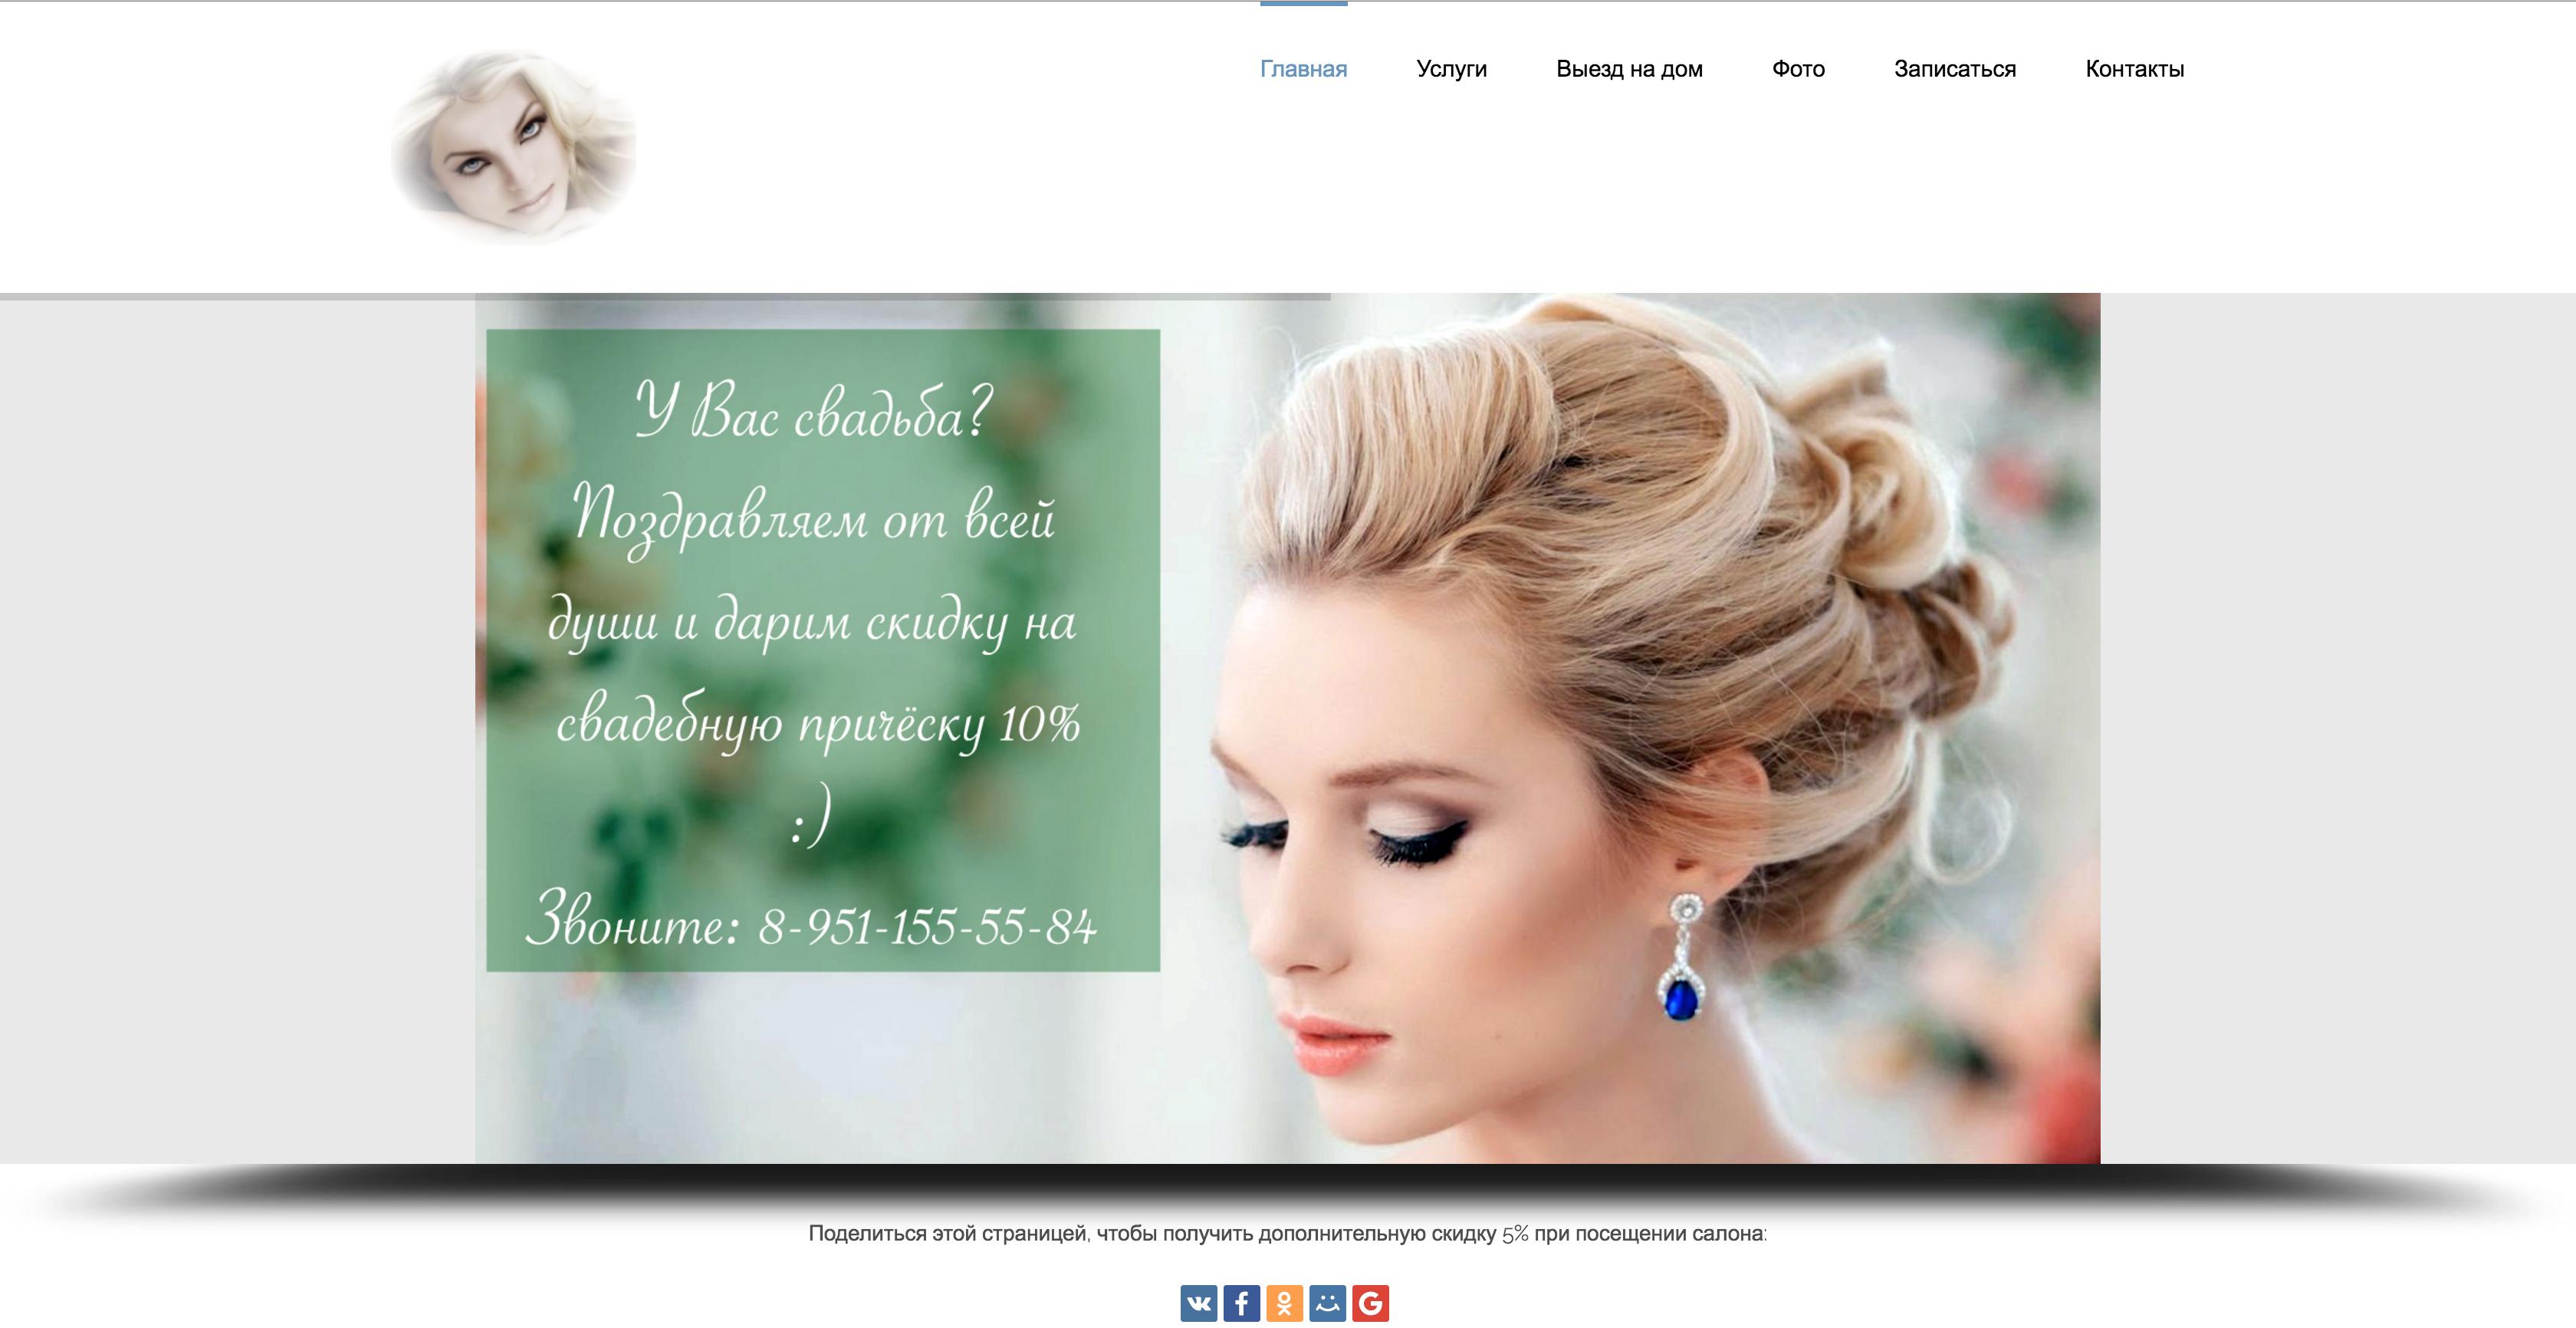 Разработка сайта салона красоты в Белгороде